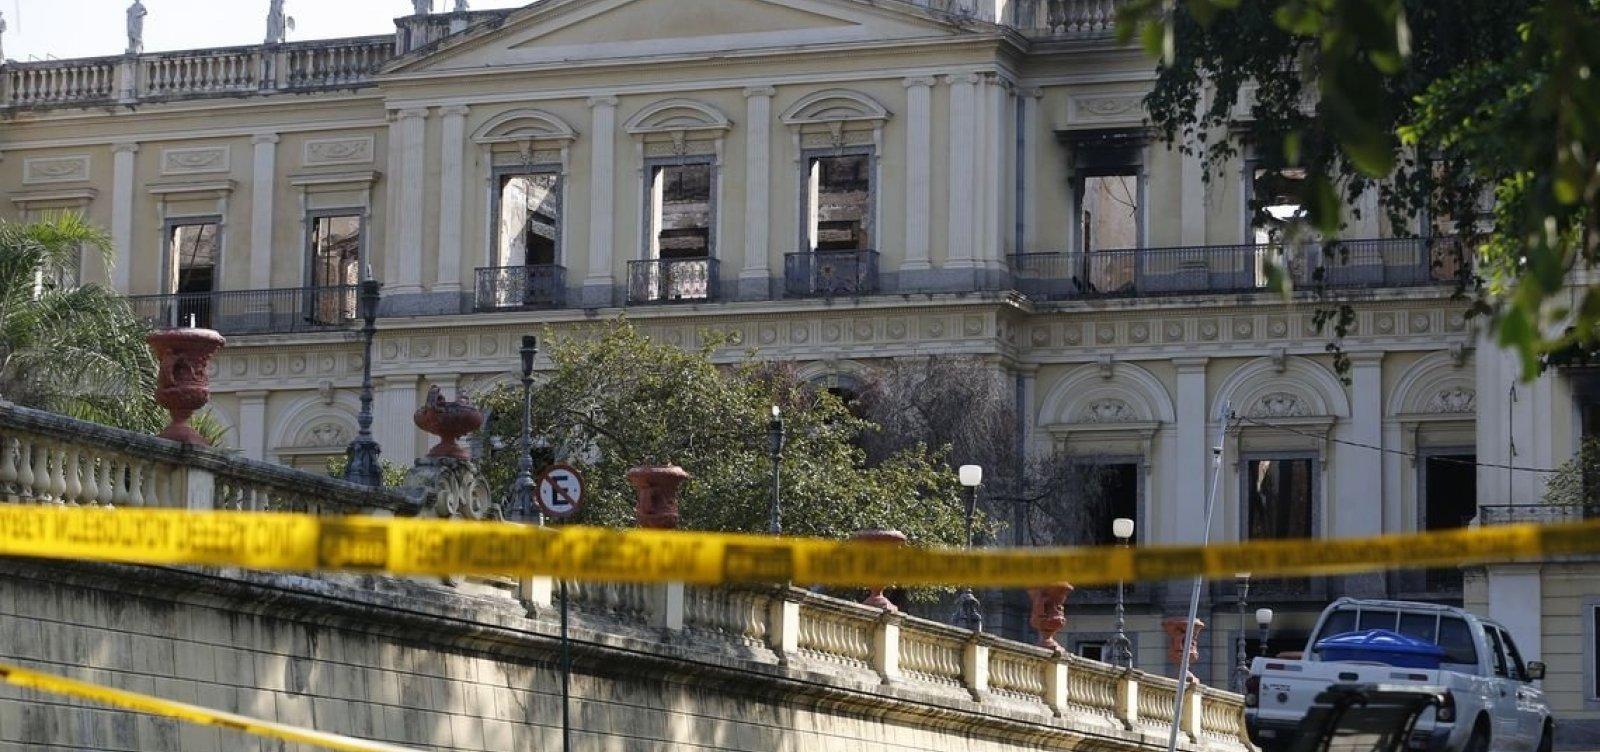 [Governo da Espanha vai ajudar Brasil a recompor acervo do Museu Nacional]